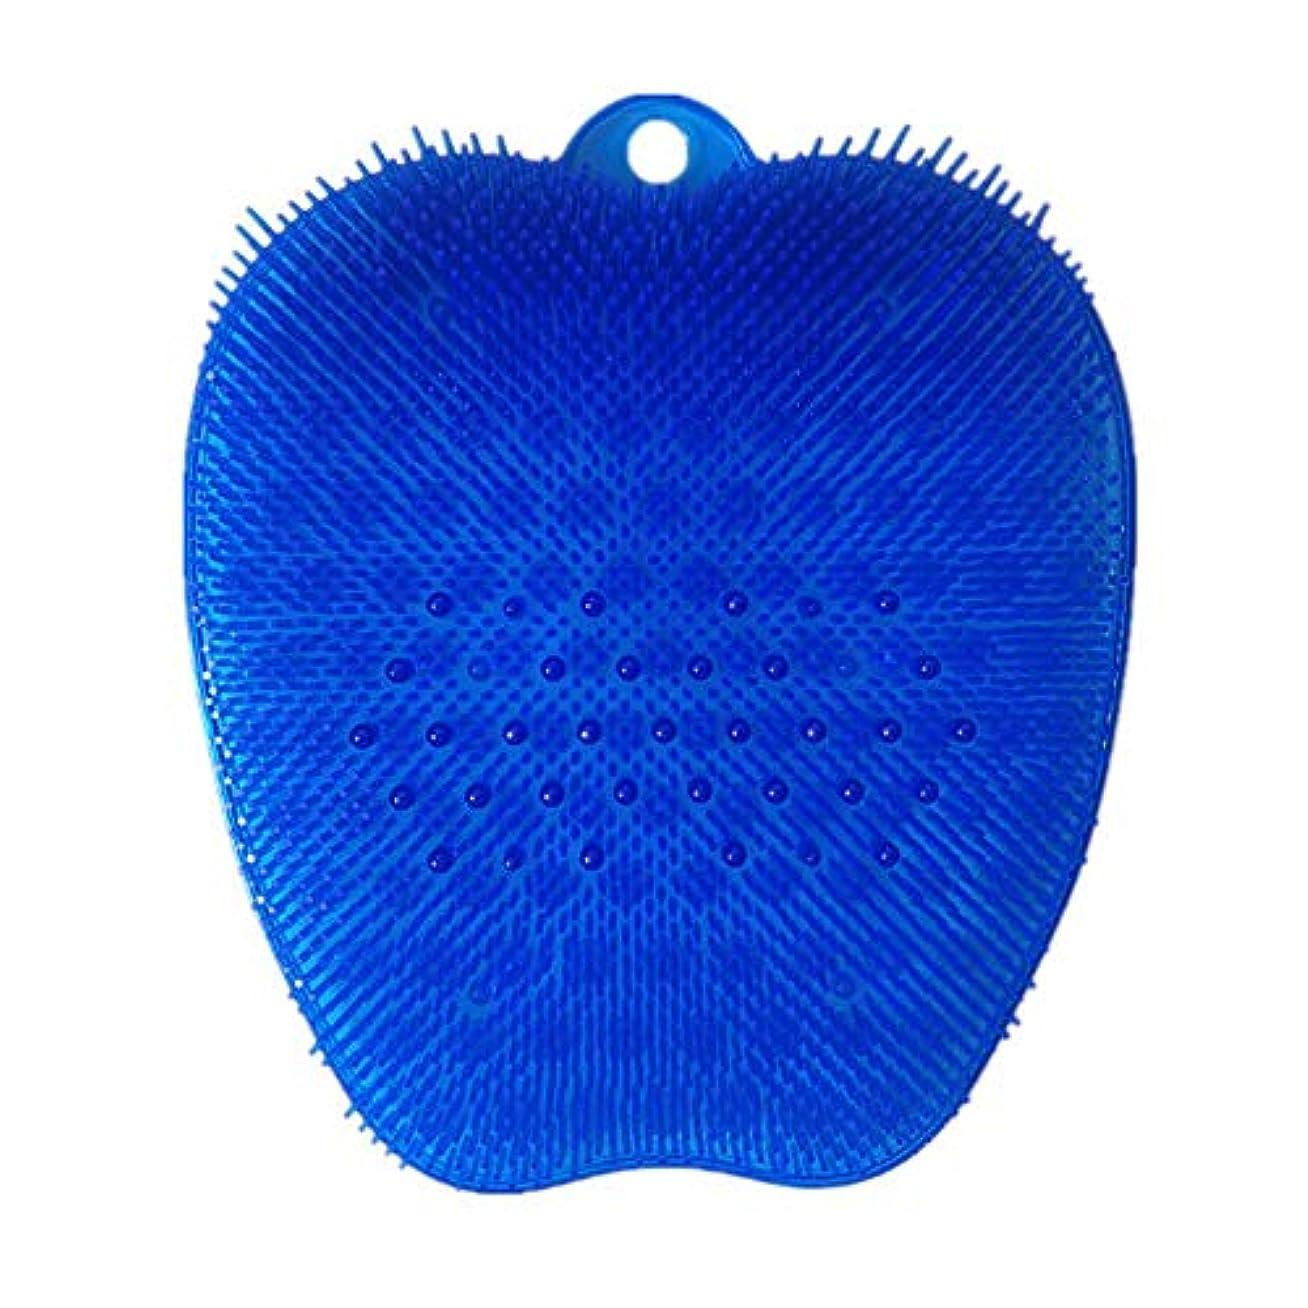 推進、動かす協定常習的足洗いブラシ 滑らない吸盤付き ブルー フットケア フットブラシ 角質ケアブラシ お風呂で使える